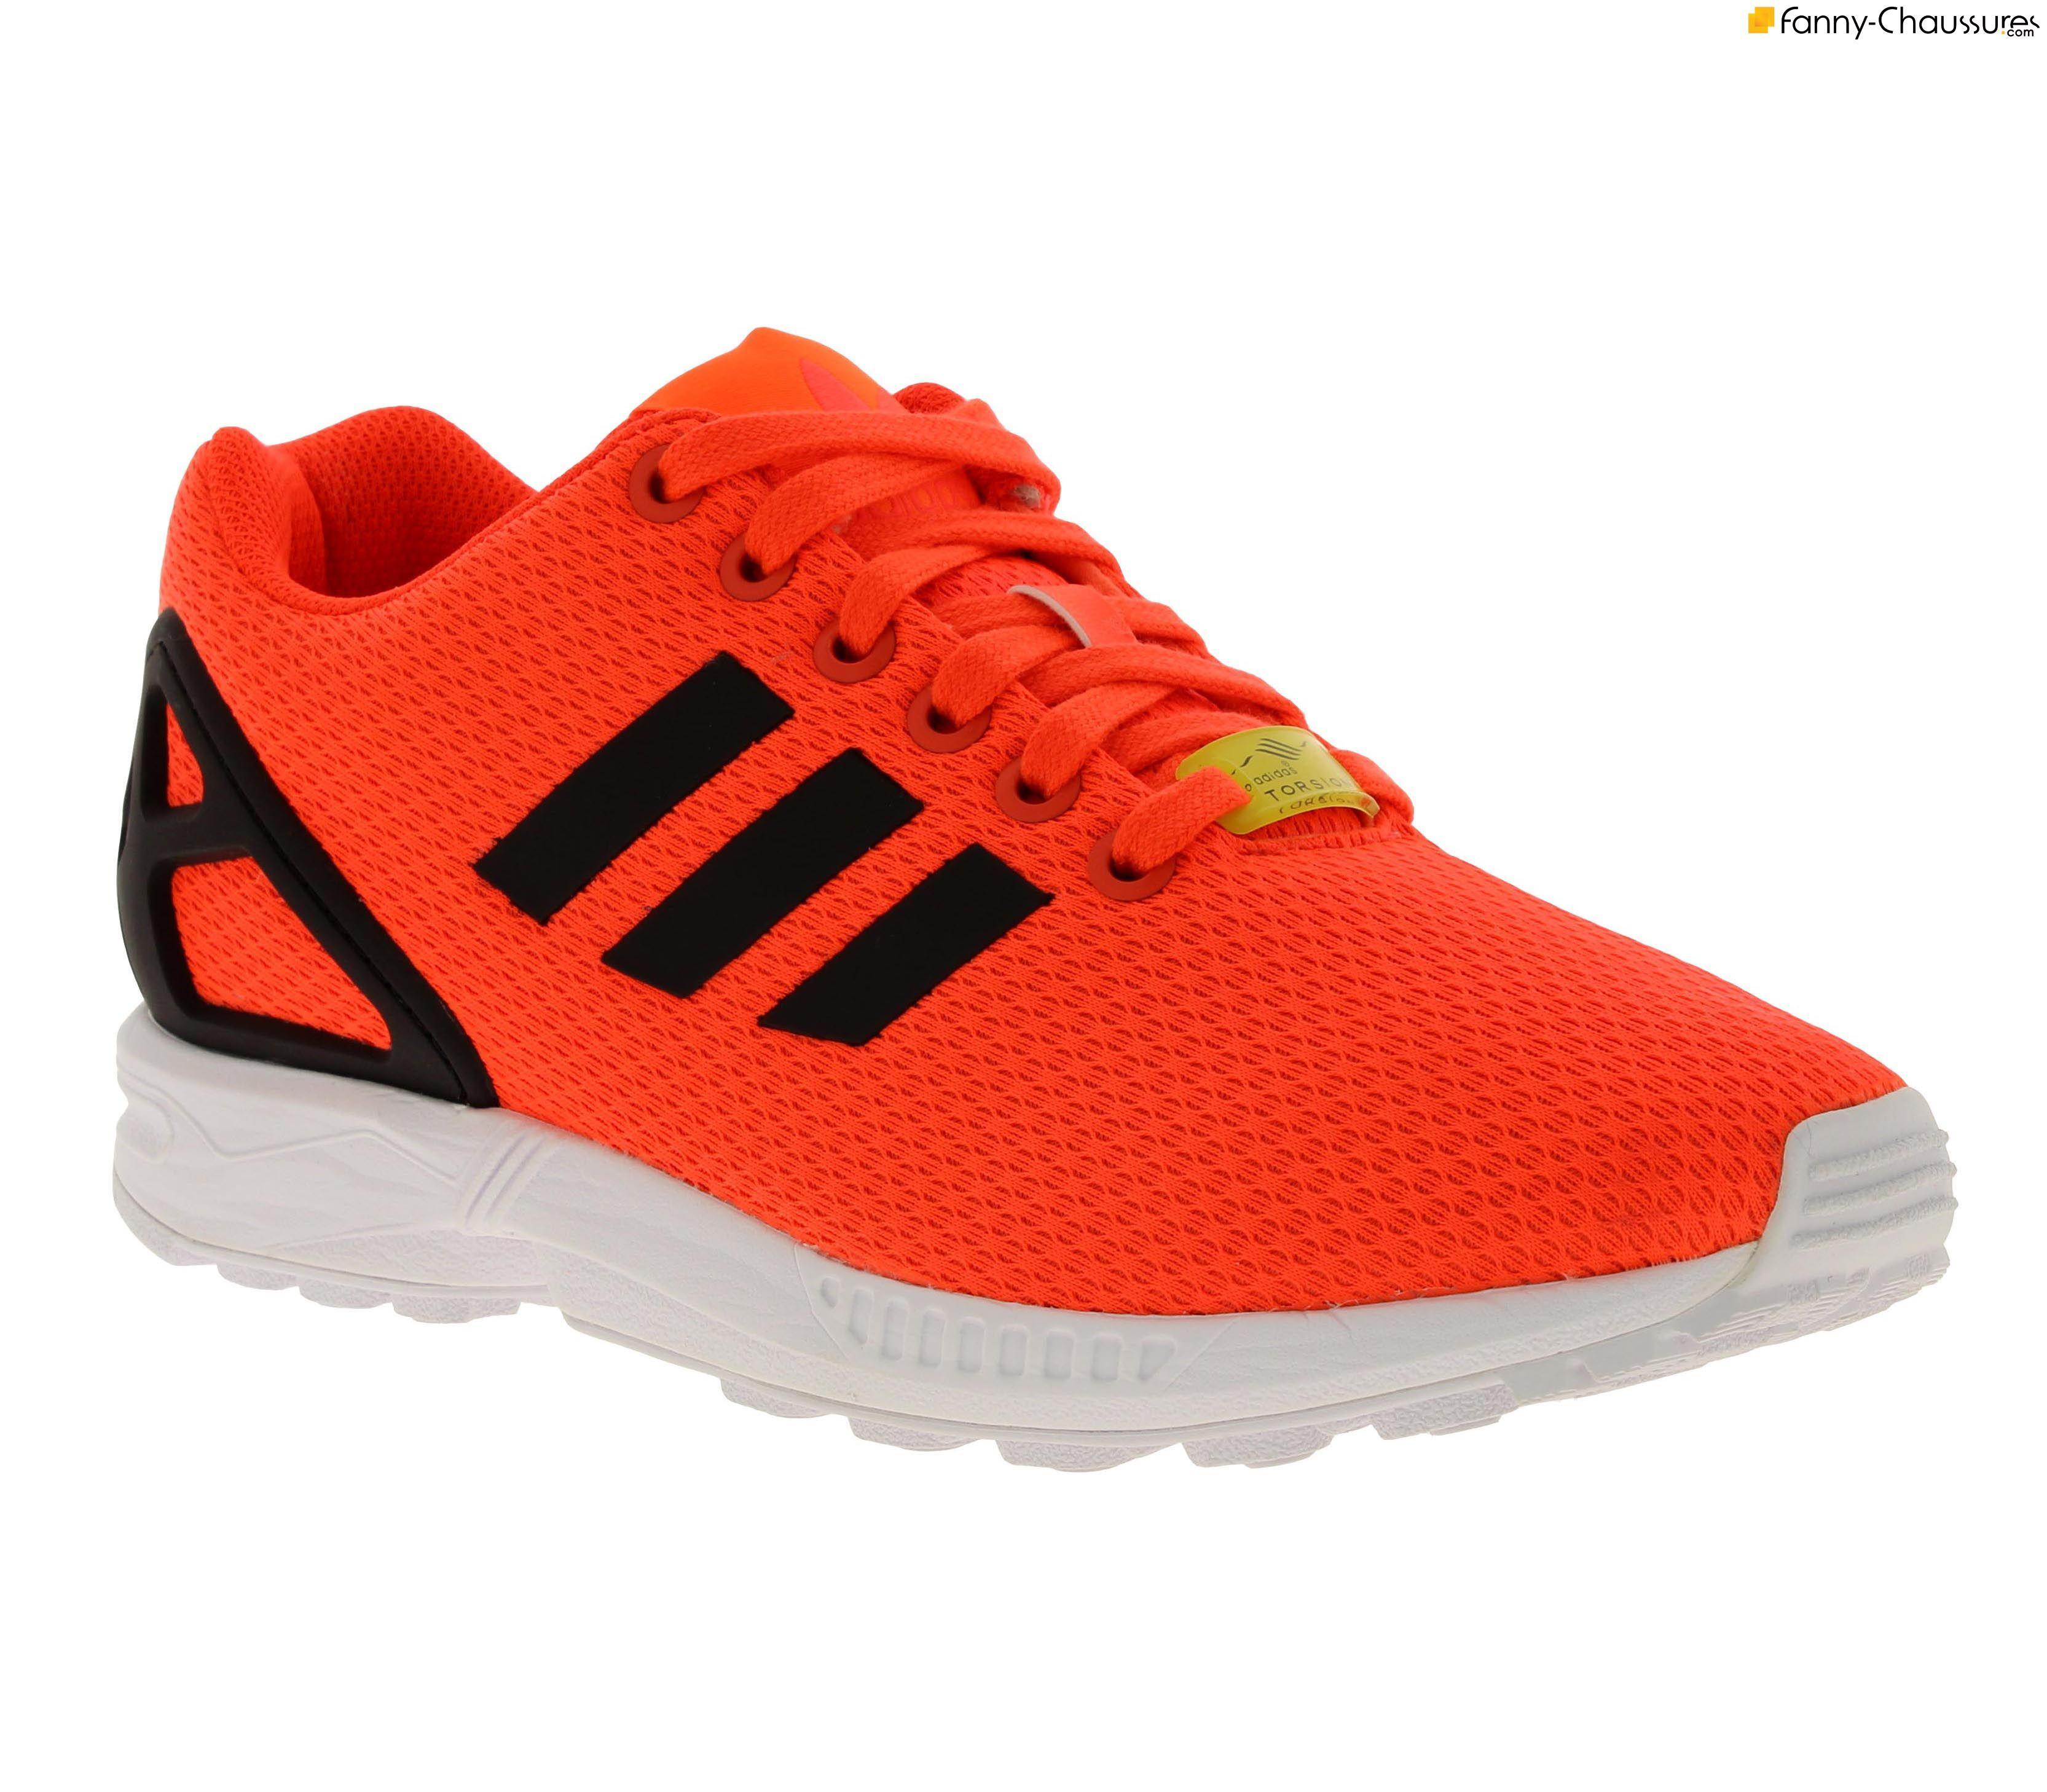 size 40 94423 0347b Prix de gros adidas zx flux femme orange France vente en ligne, toutes les  gammes de chaussures Nike pour hommes et femmes outlet pas cher.